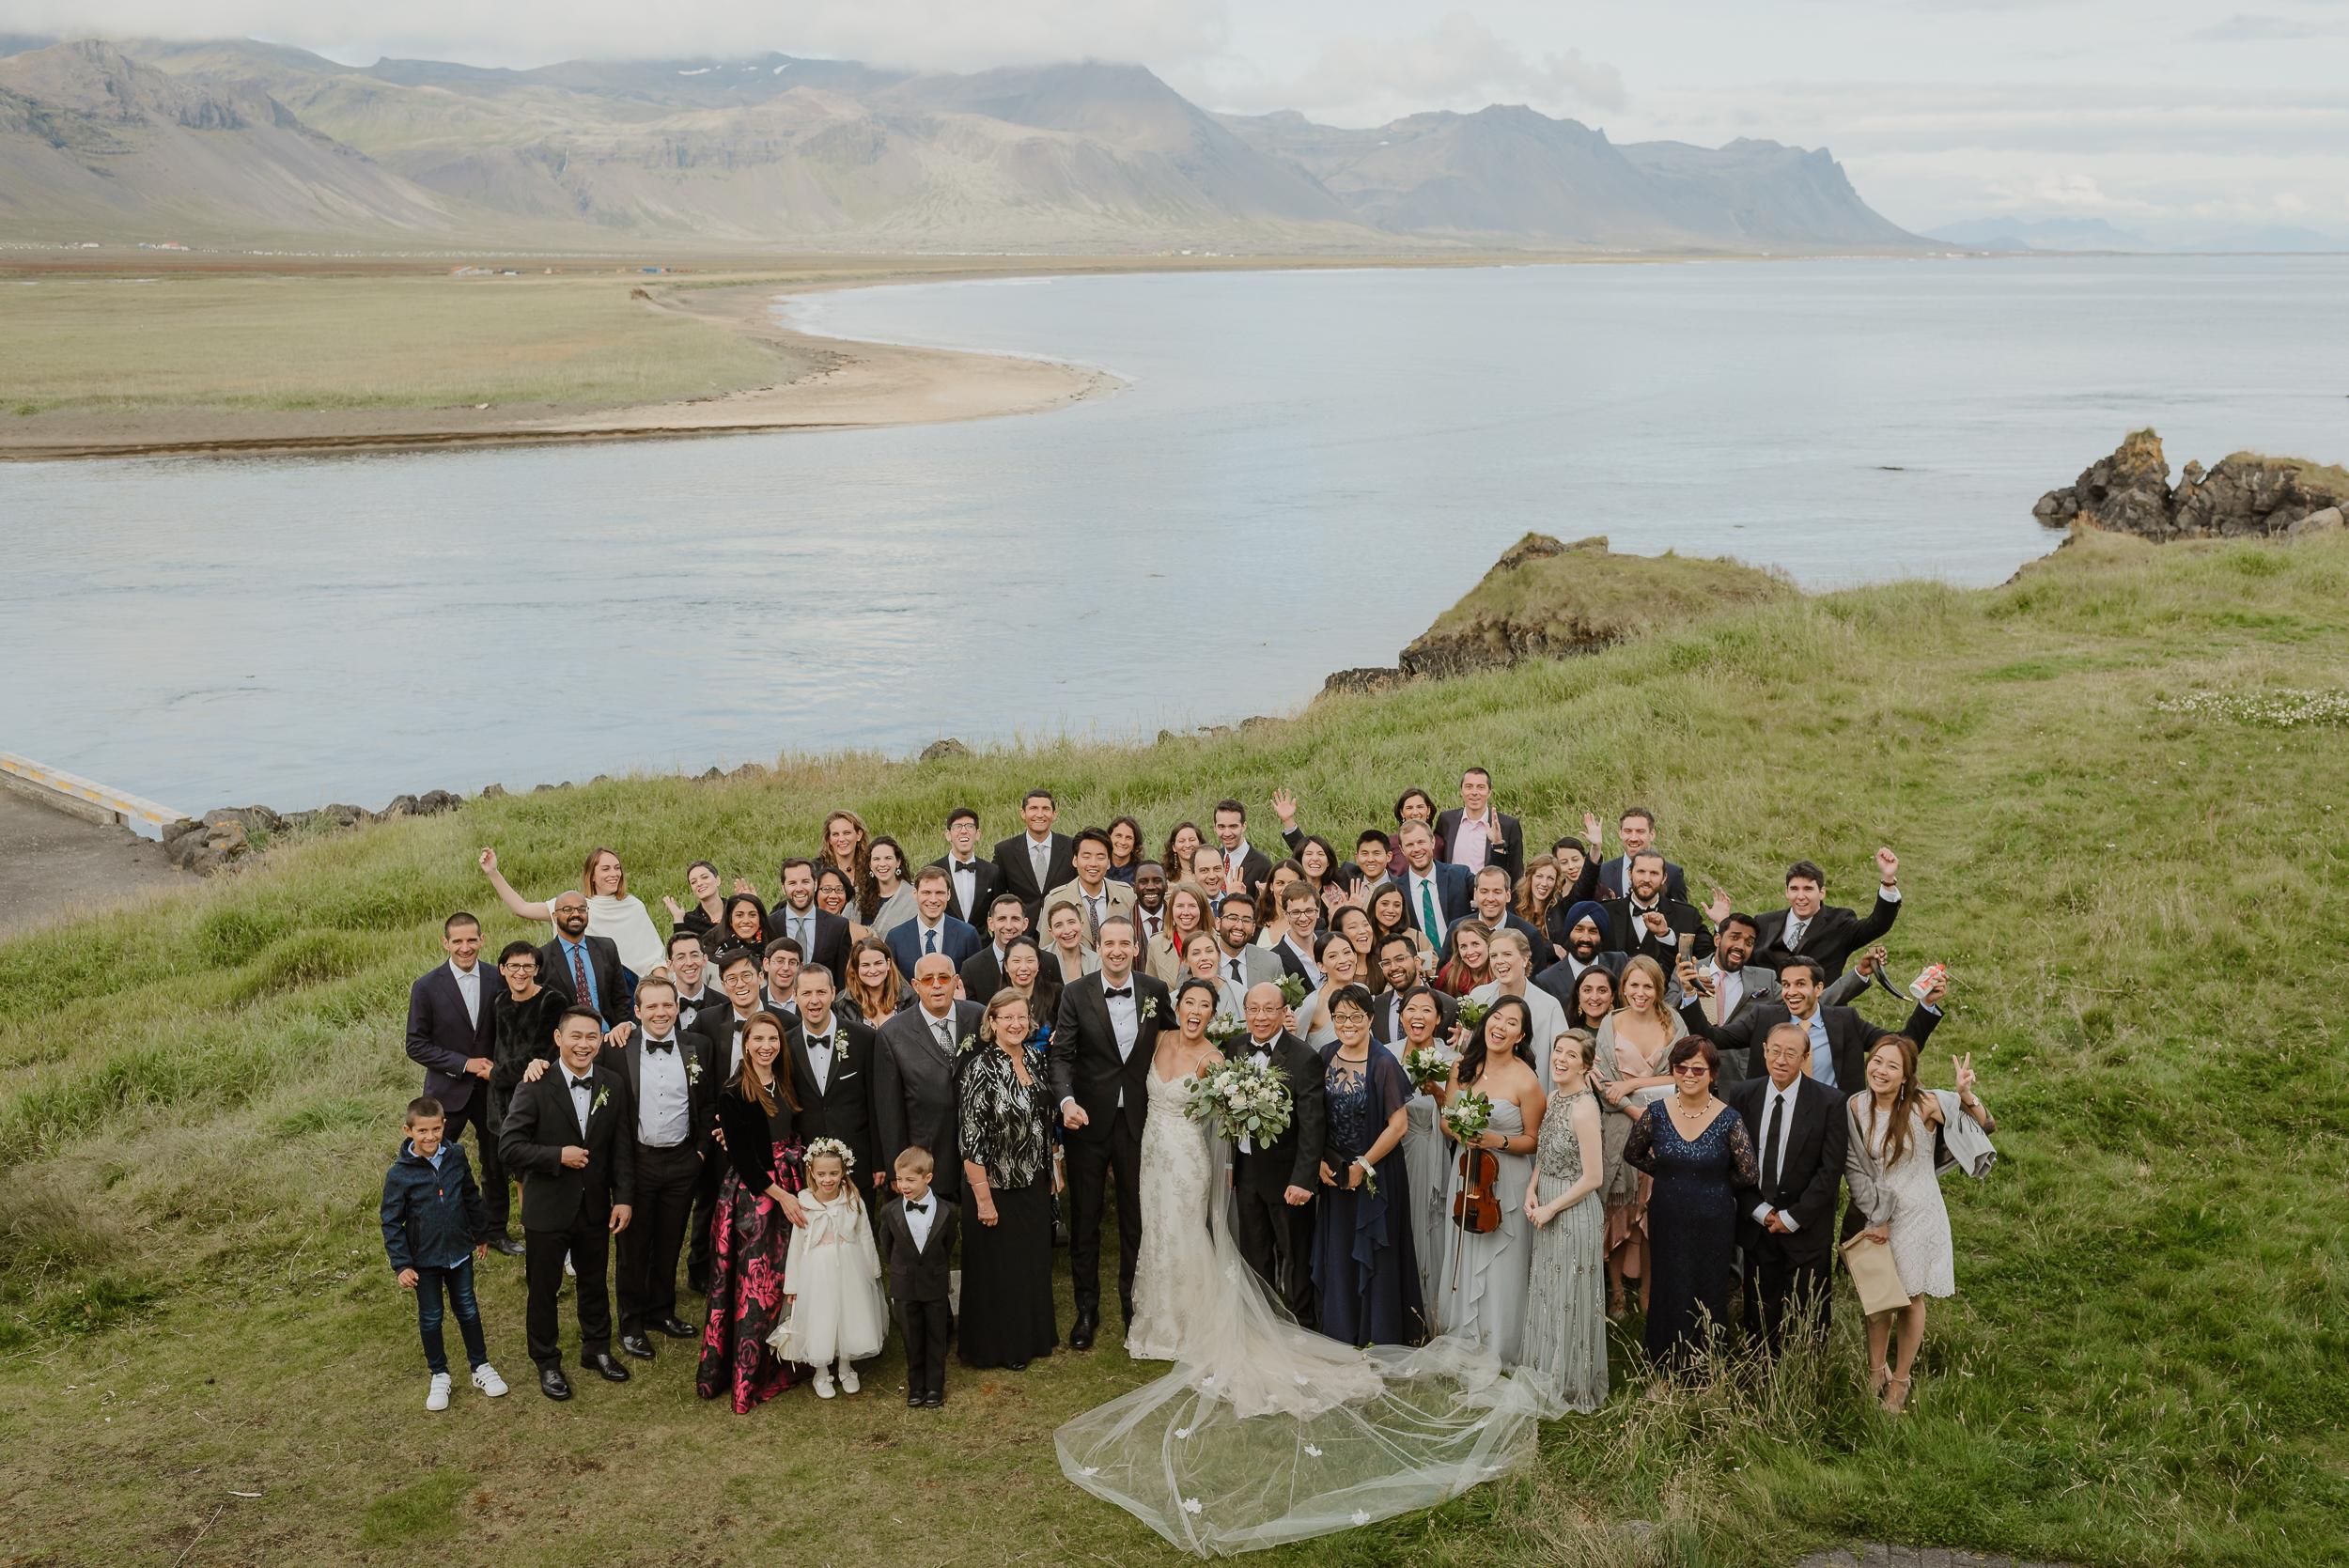 109-hotel-budir-iceland-destination-wedding-vivianchen-465.jpg